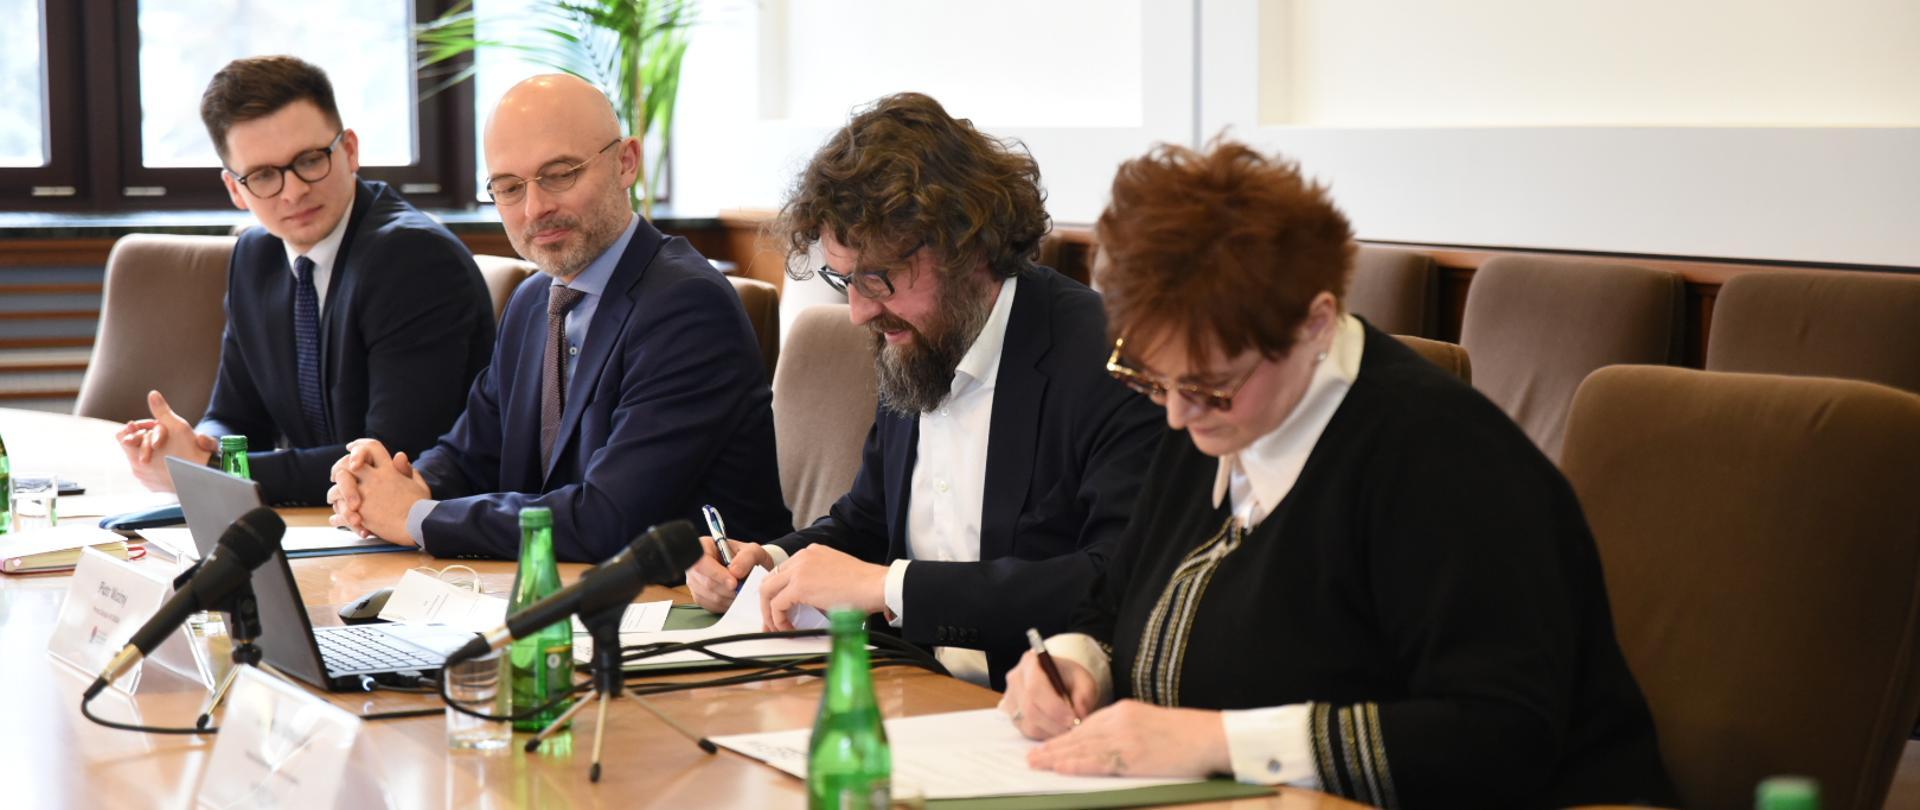 100 mln zł na słoneczne dachy dla wielkopolskich spółdzielni i wspólnot mieszkaniowych